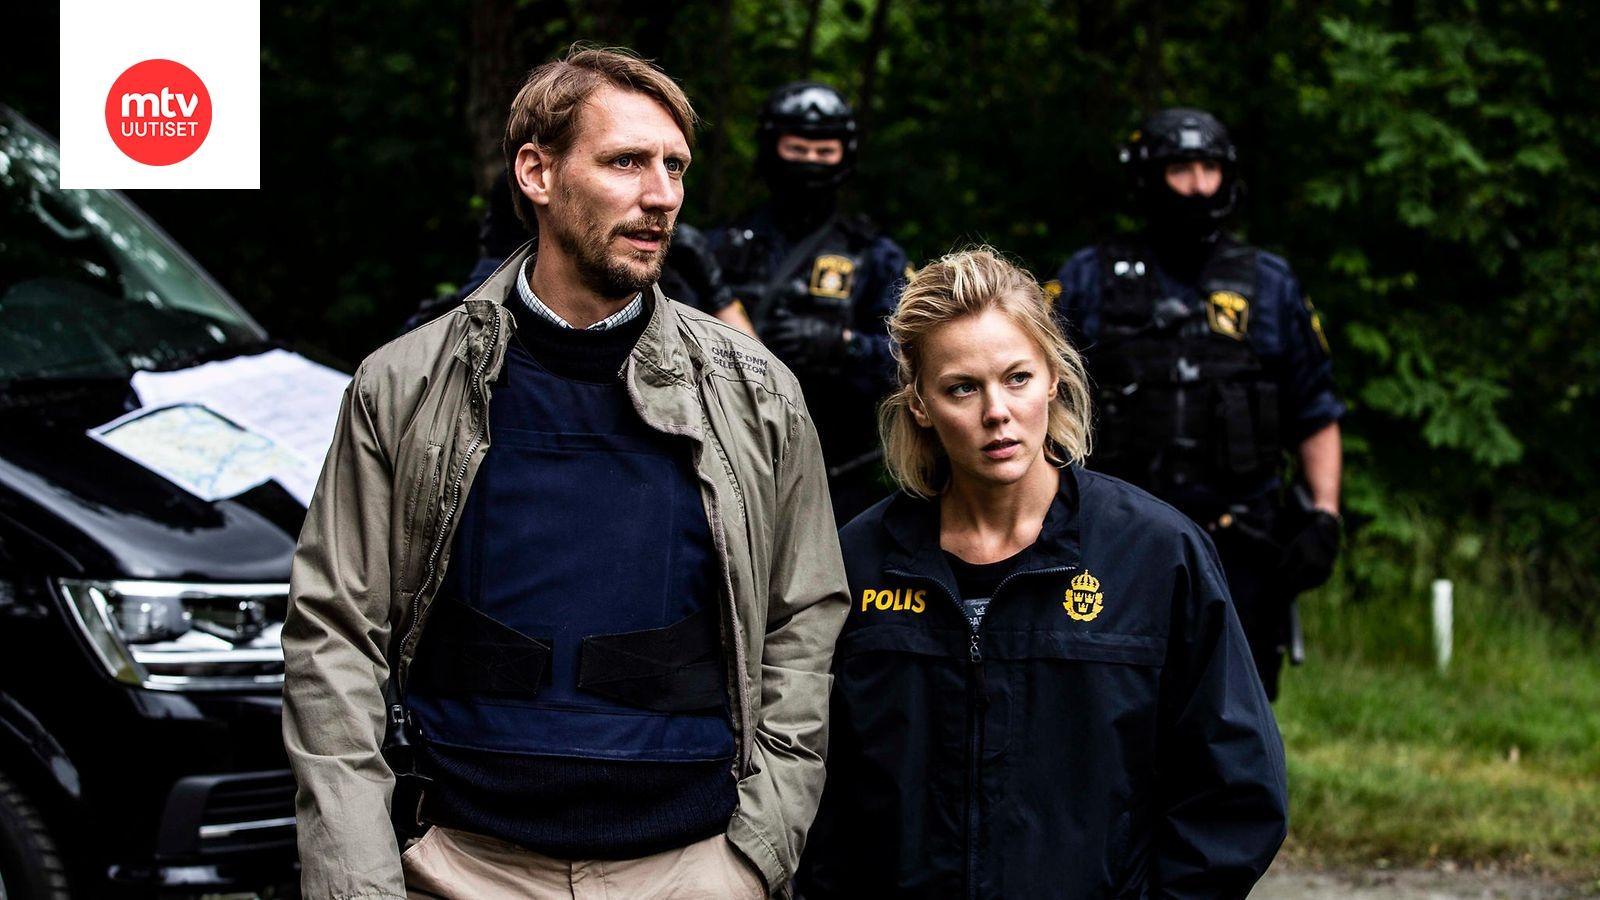 Ruotsalainen Poliisisarja